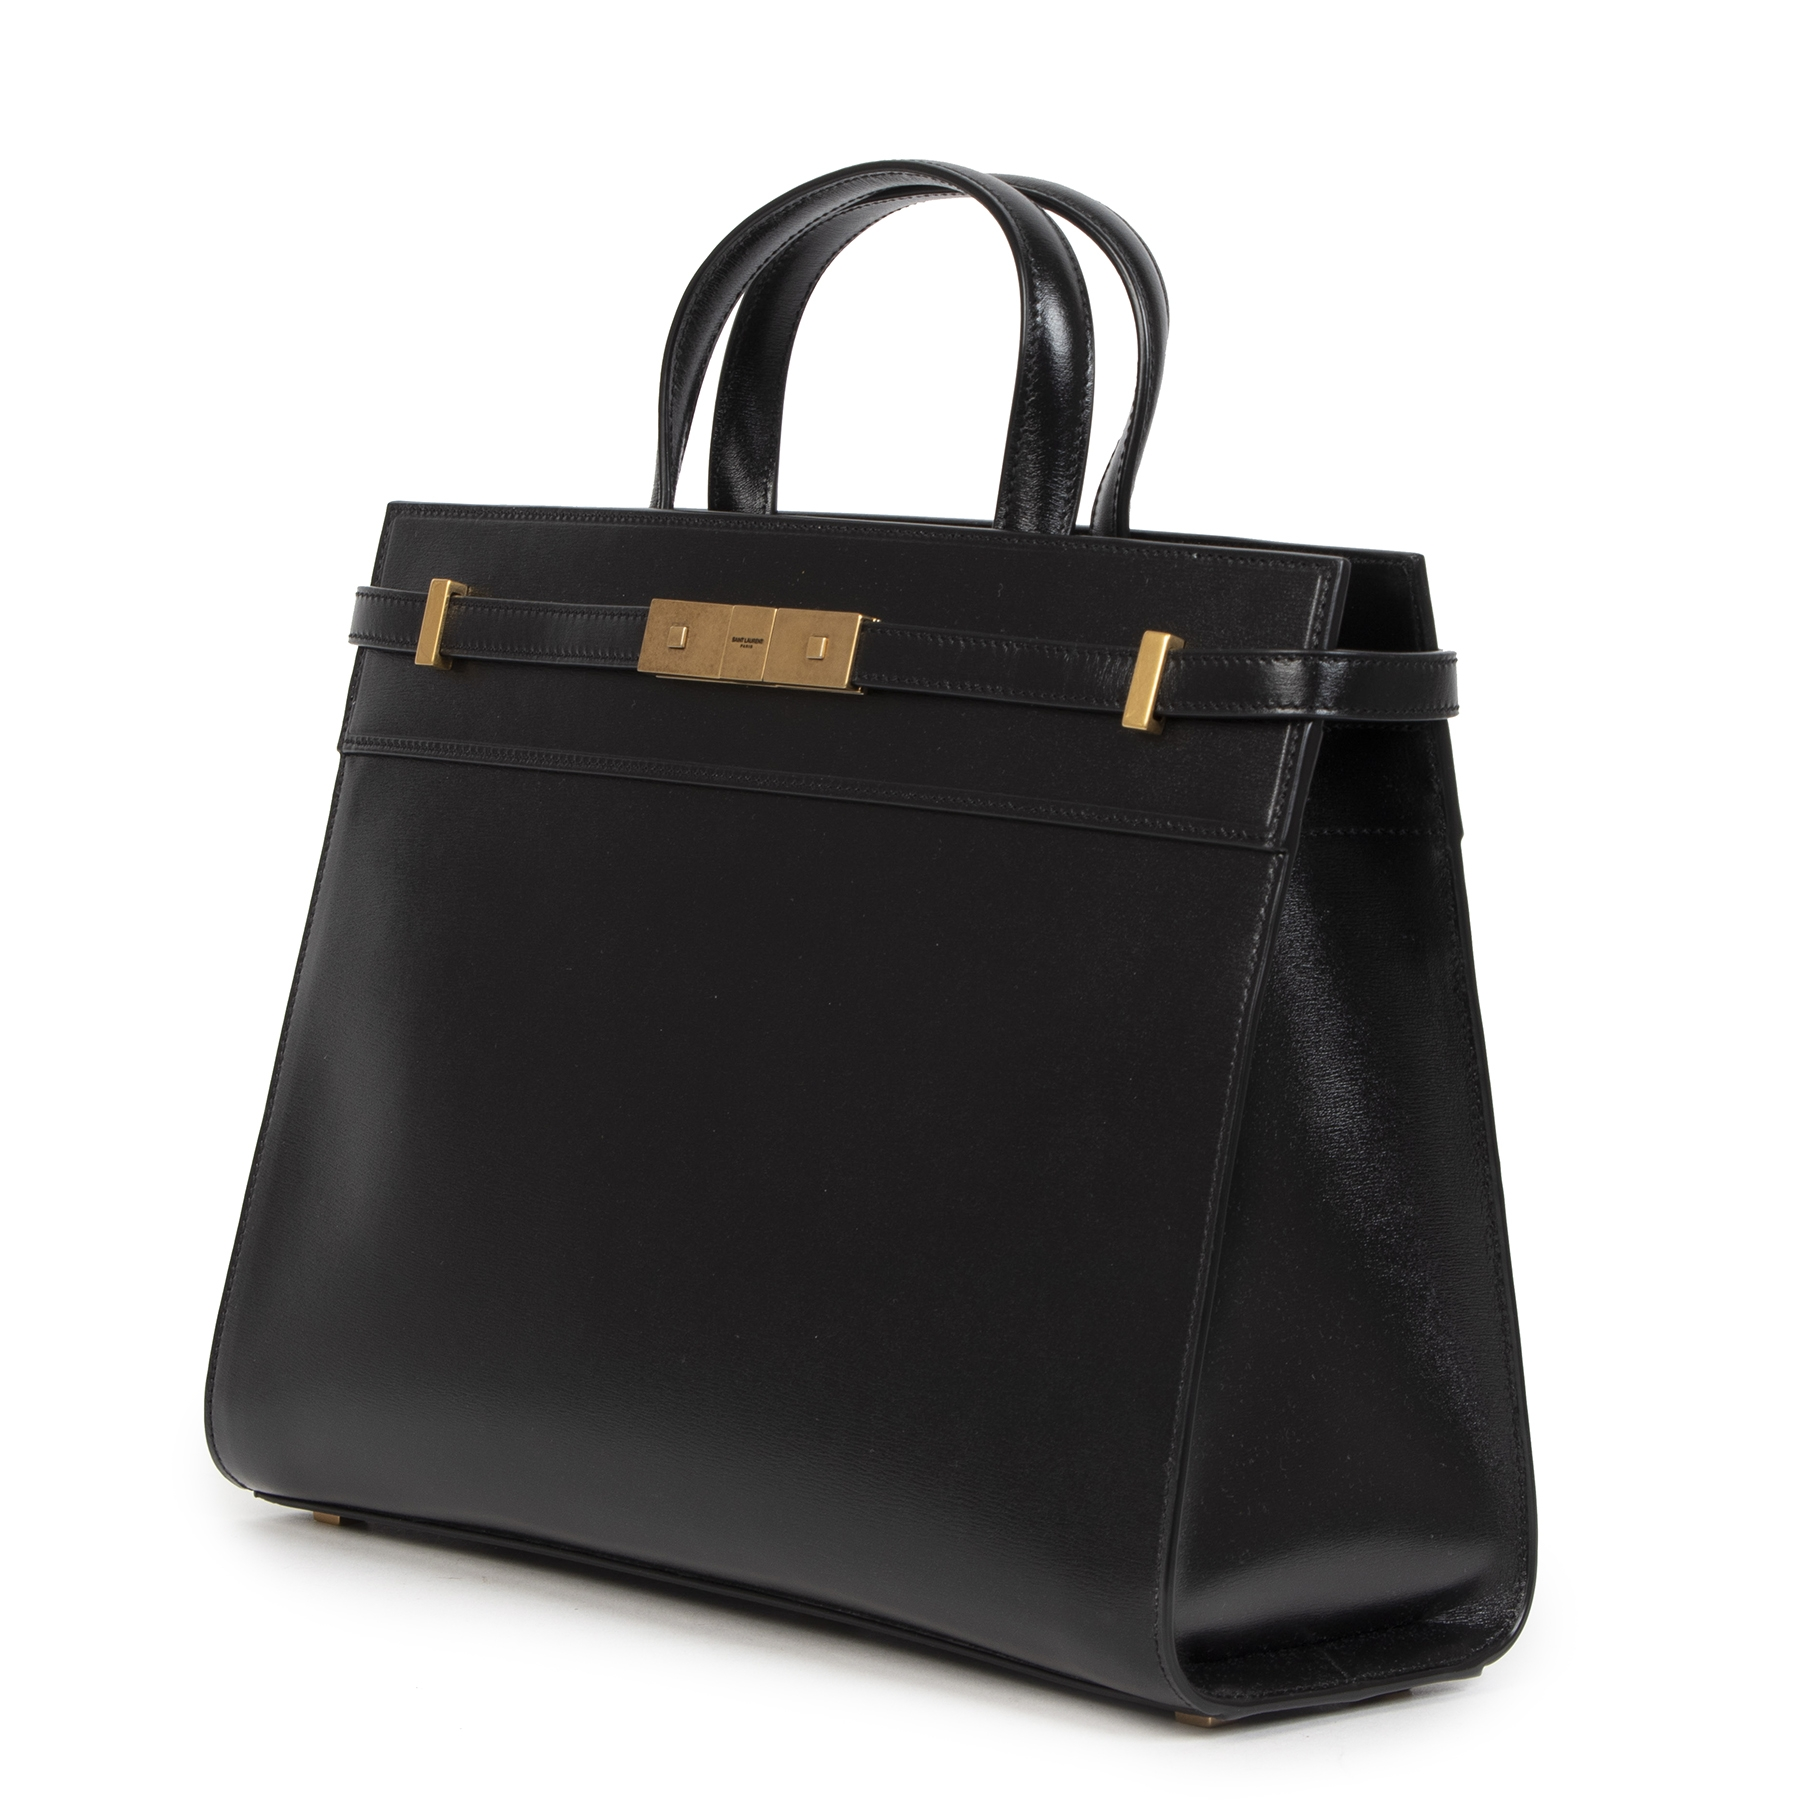 Authentieke Tweedehands Saint Laurent Black Manhatten Top Handle Bag juiste prijs veilig online shoppen luxe merken webshop winkelen Antwerpen België mode fashion